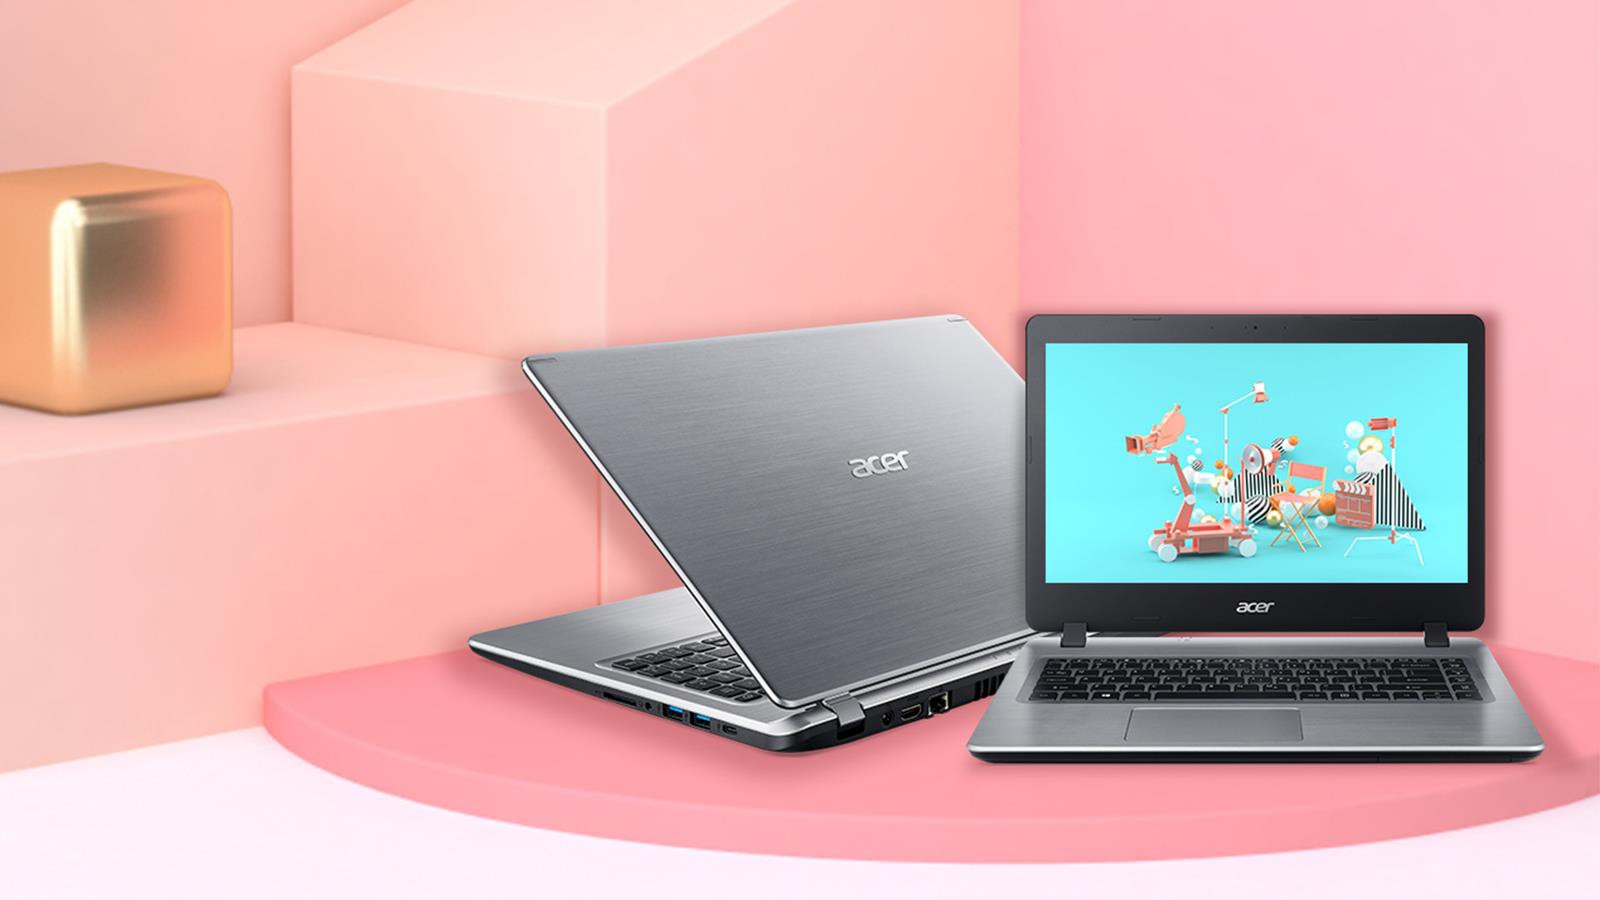 Synnex FPT công bố loạt máy tính hút hàng, thêm lựa chọn cho mùa hè sôi động - Ảnh 5.